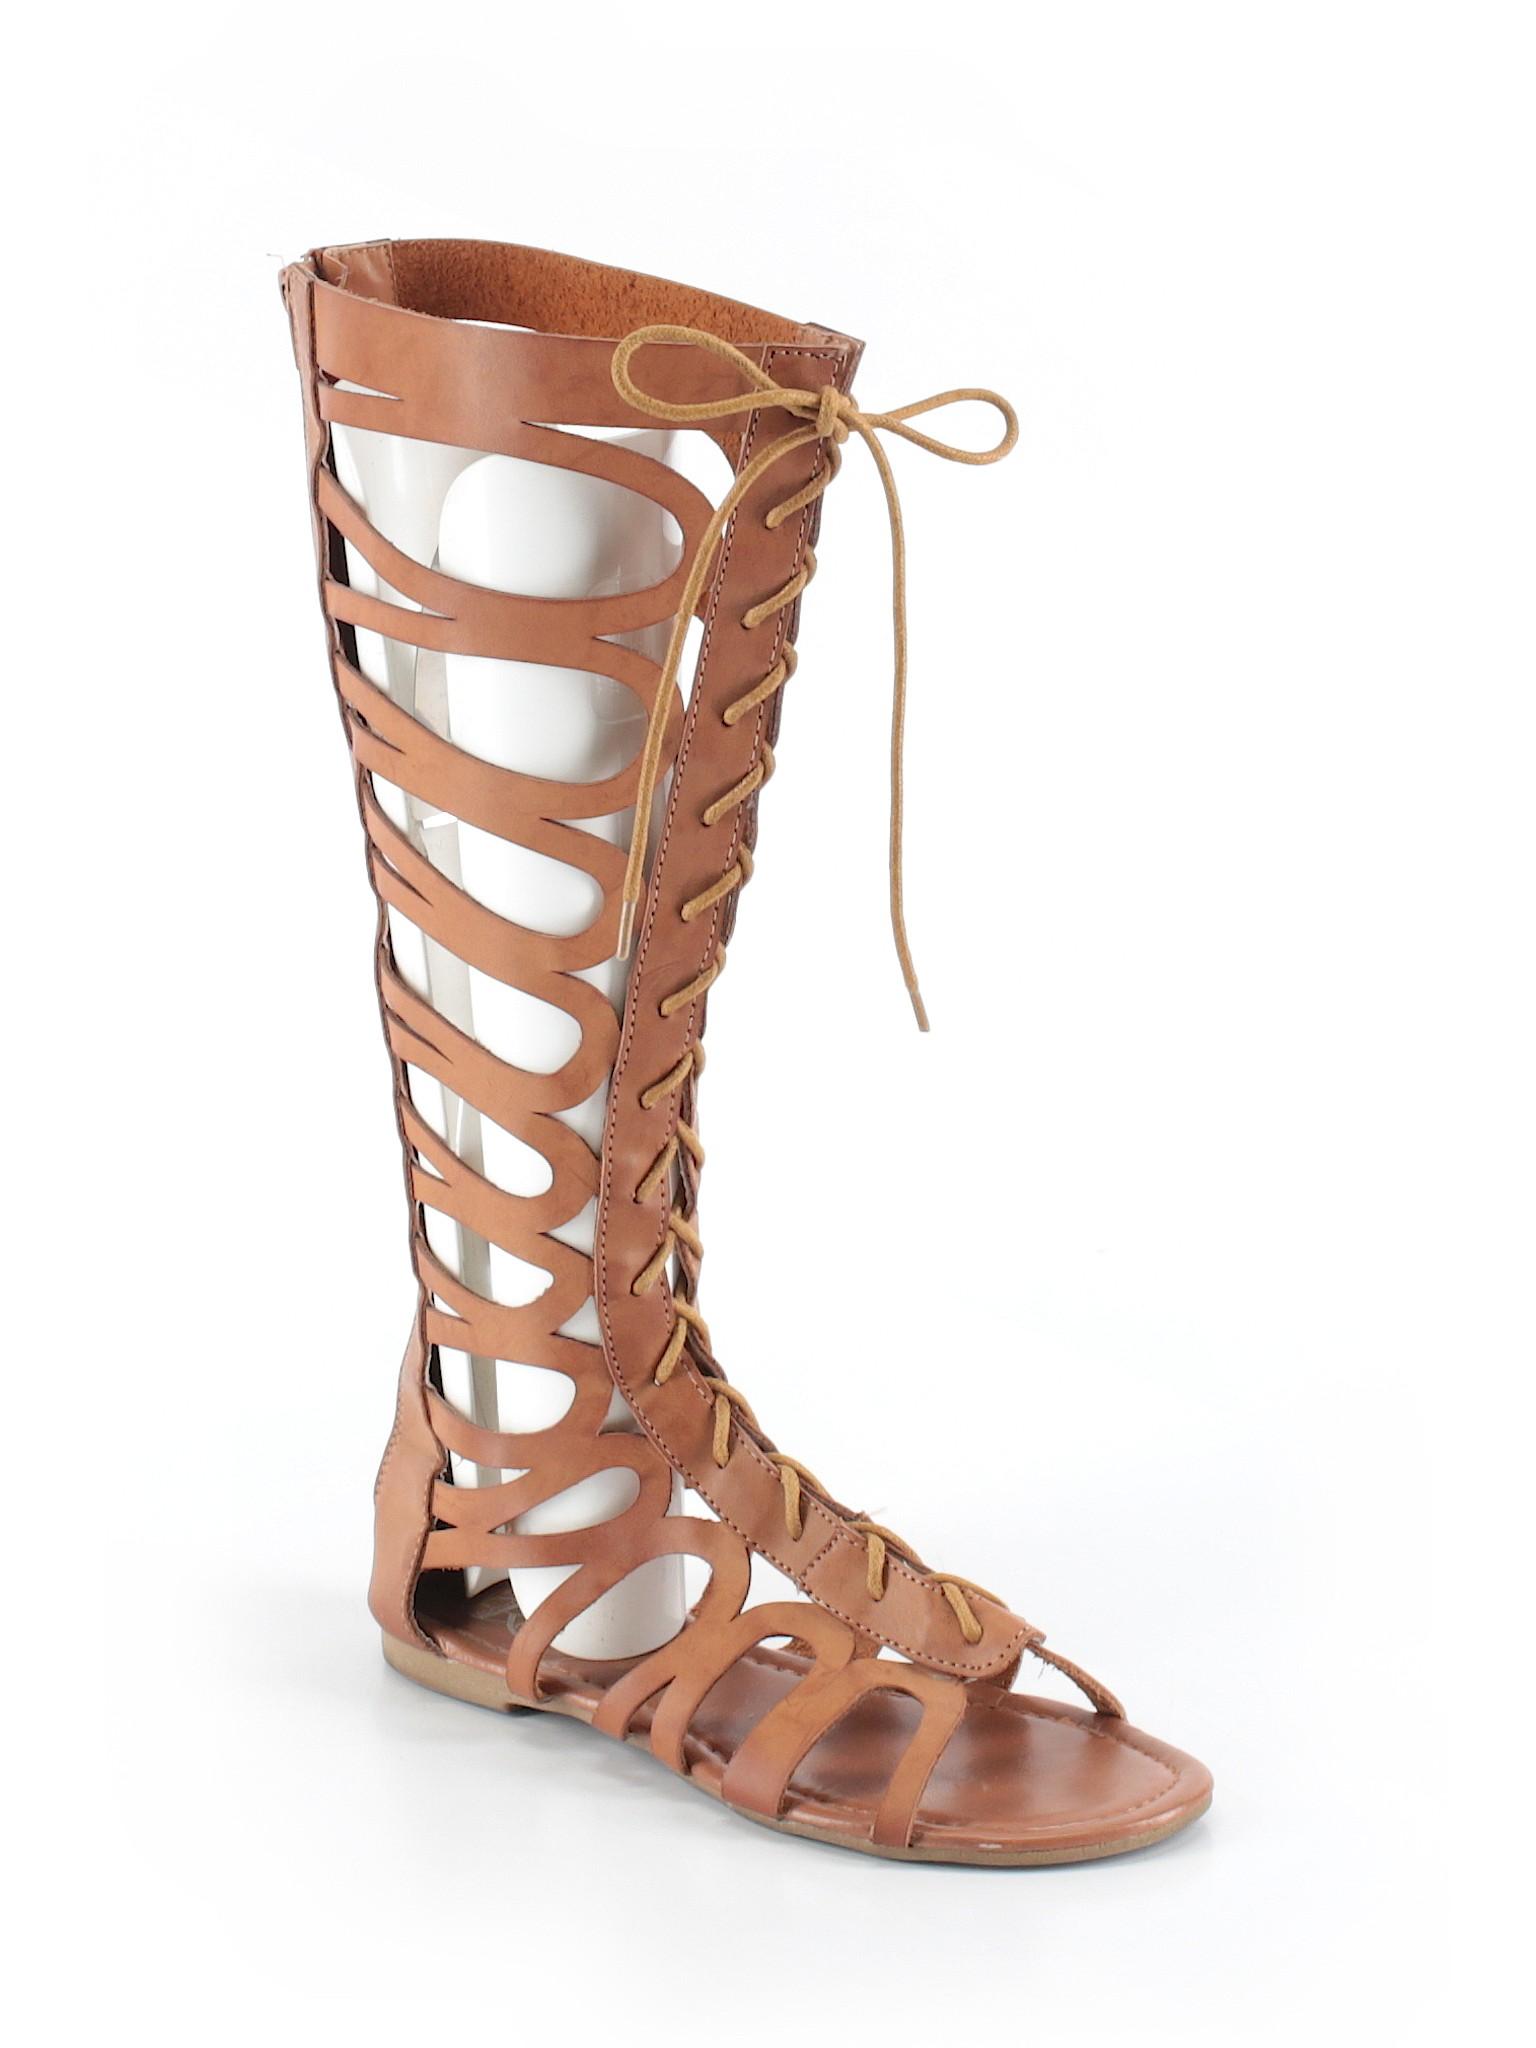 promotion Rebel Rebel Sandals Sandals Modern Boutique Boutique Modern Boutique promotion promotion ZfwqUZ